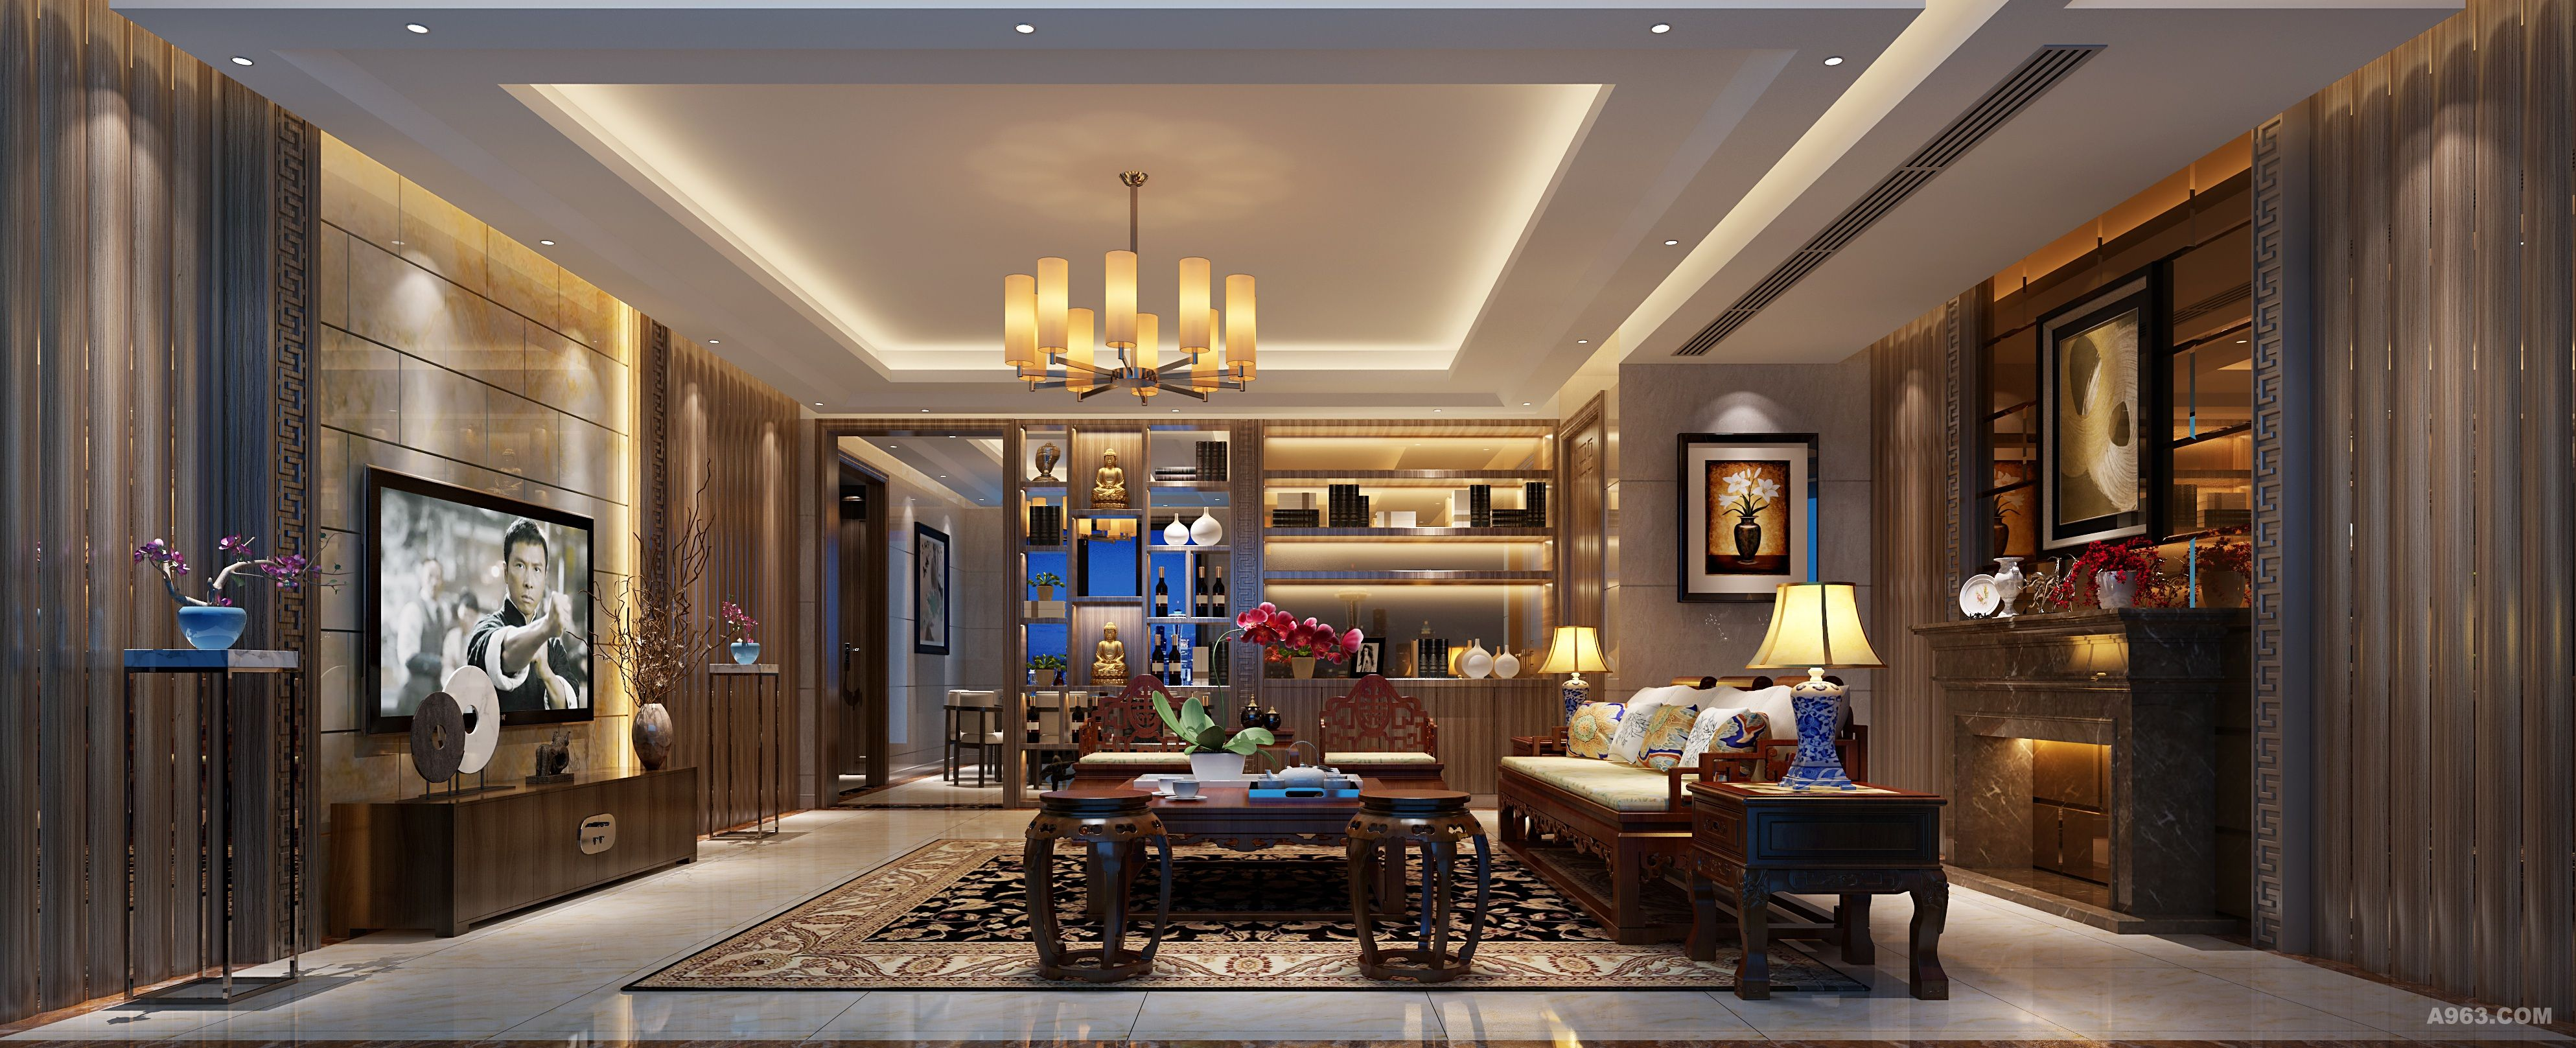 后立面有壁爐,電視機背景有玉石,在中式沙發的烘托下,把中西文化完美